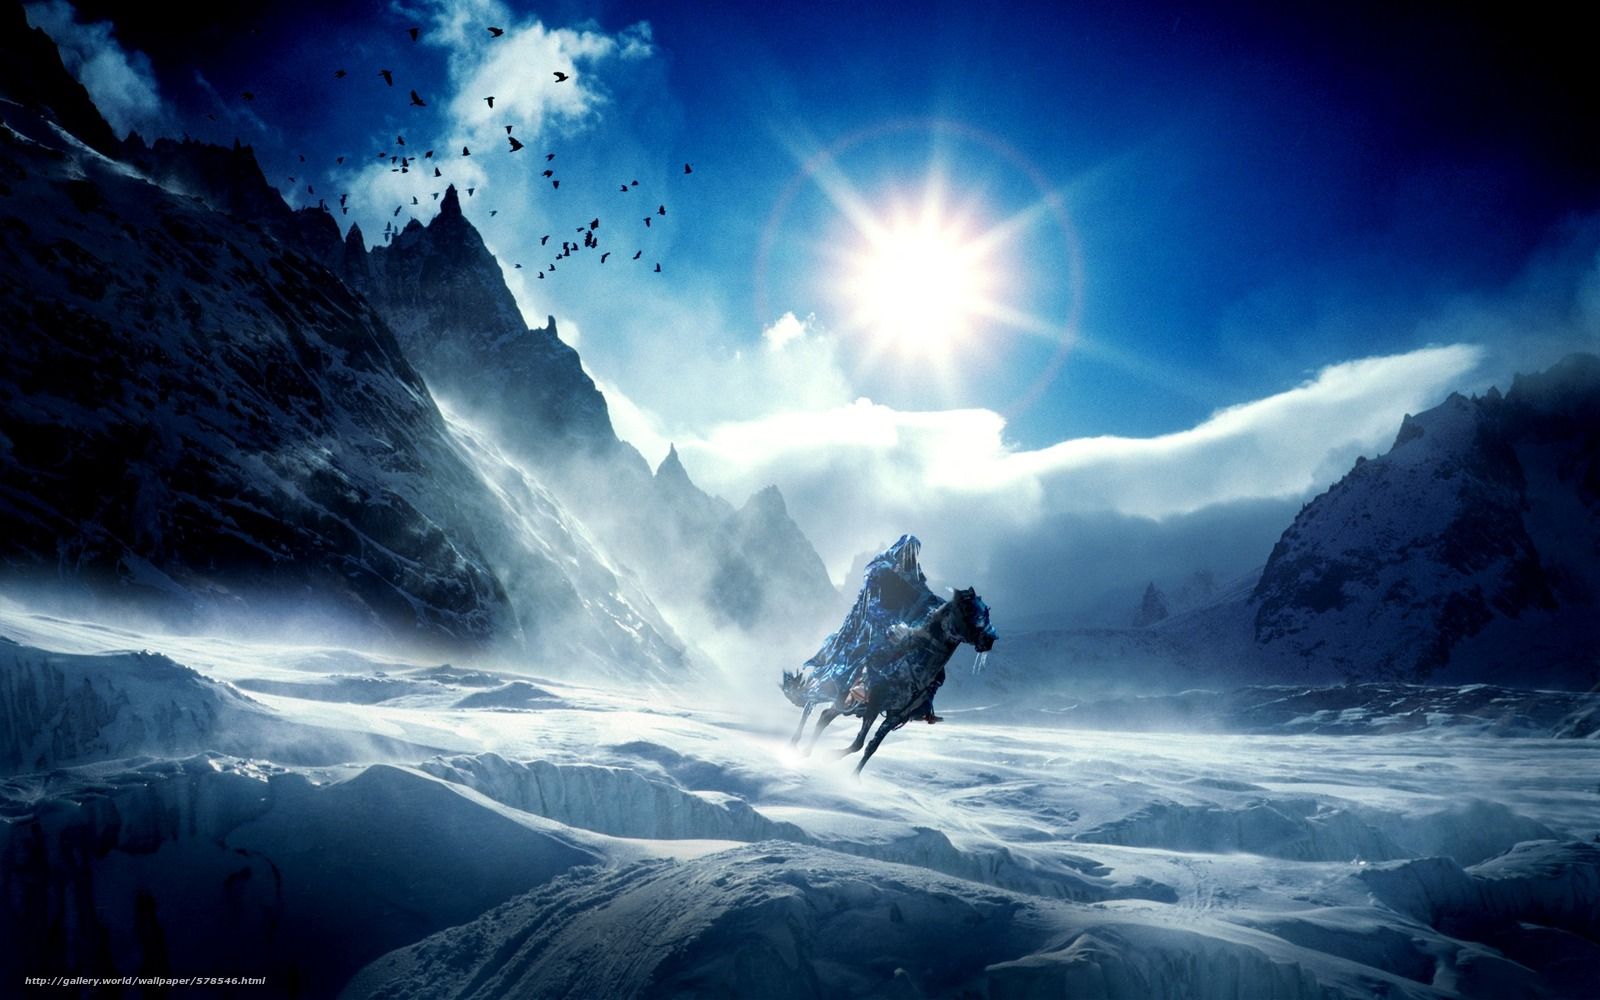 Скачать обои конь,  фантастика,  горы,  небо бесплатно для рабочего стола в разрешении 1920x1200 — картинка №578546